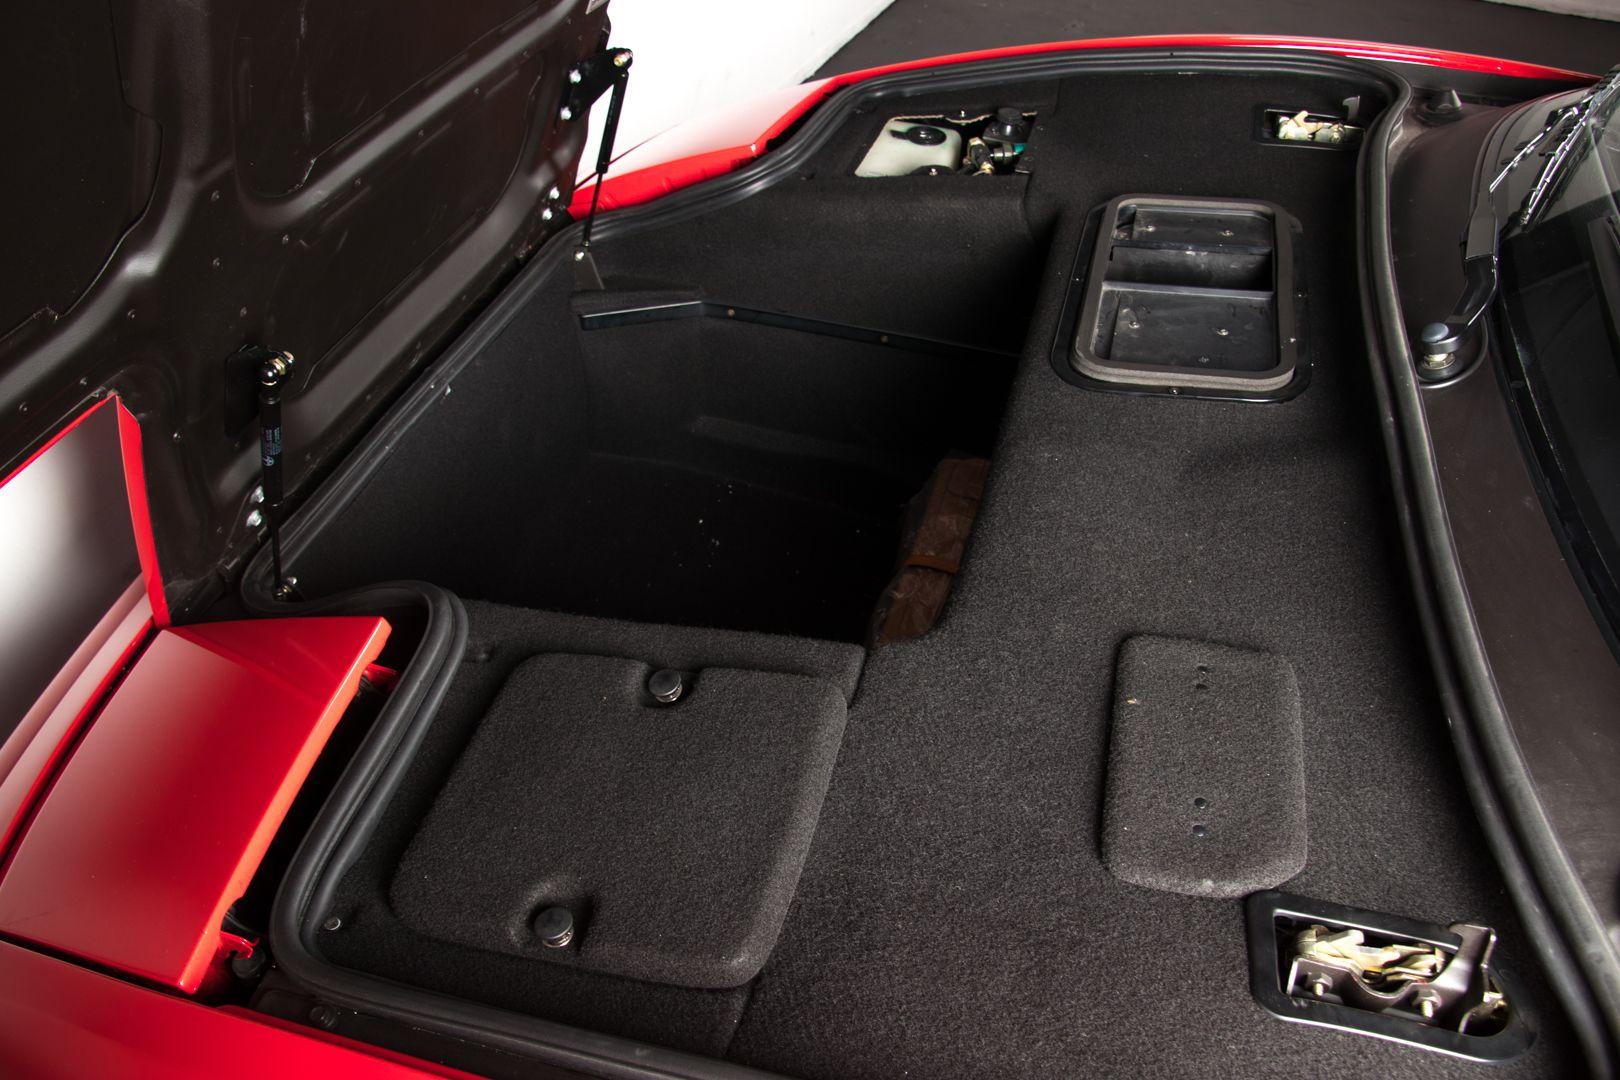 1996 Ferrari F355 spider 19413